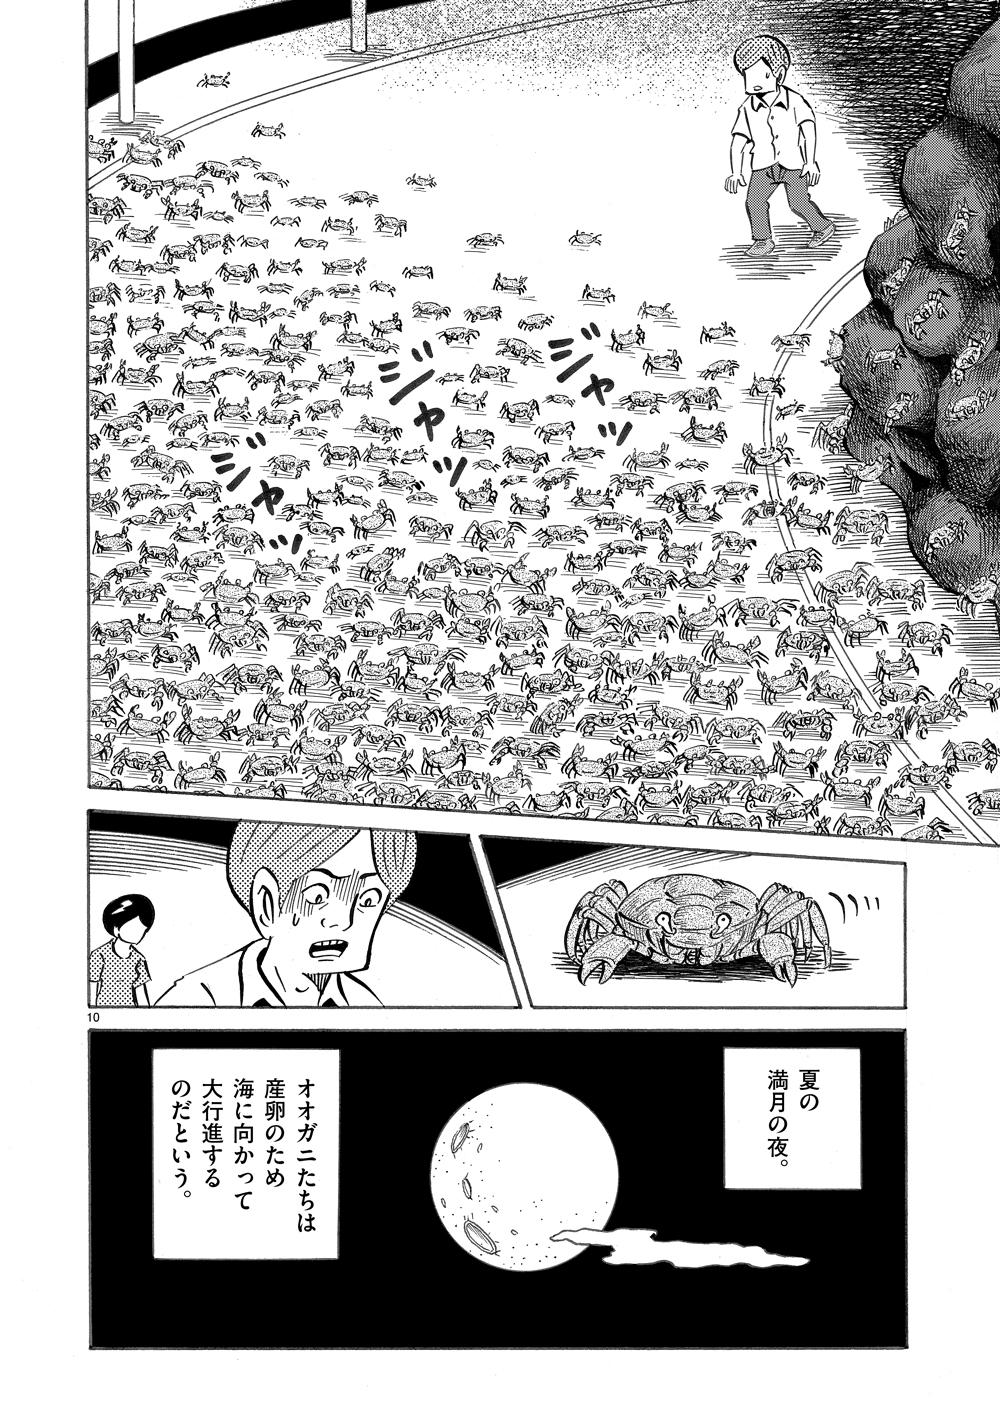 琉球怪談 【第8話】WEB掲載10ページ目画像